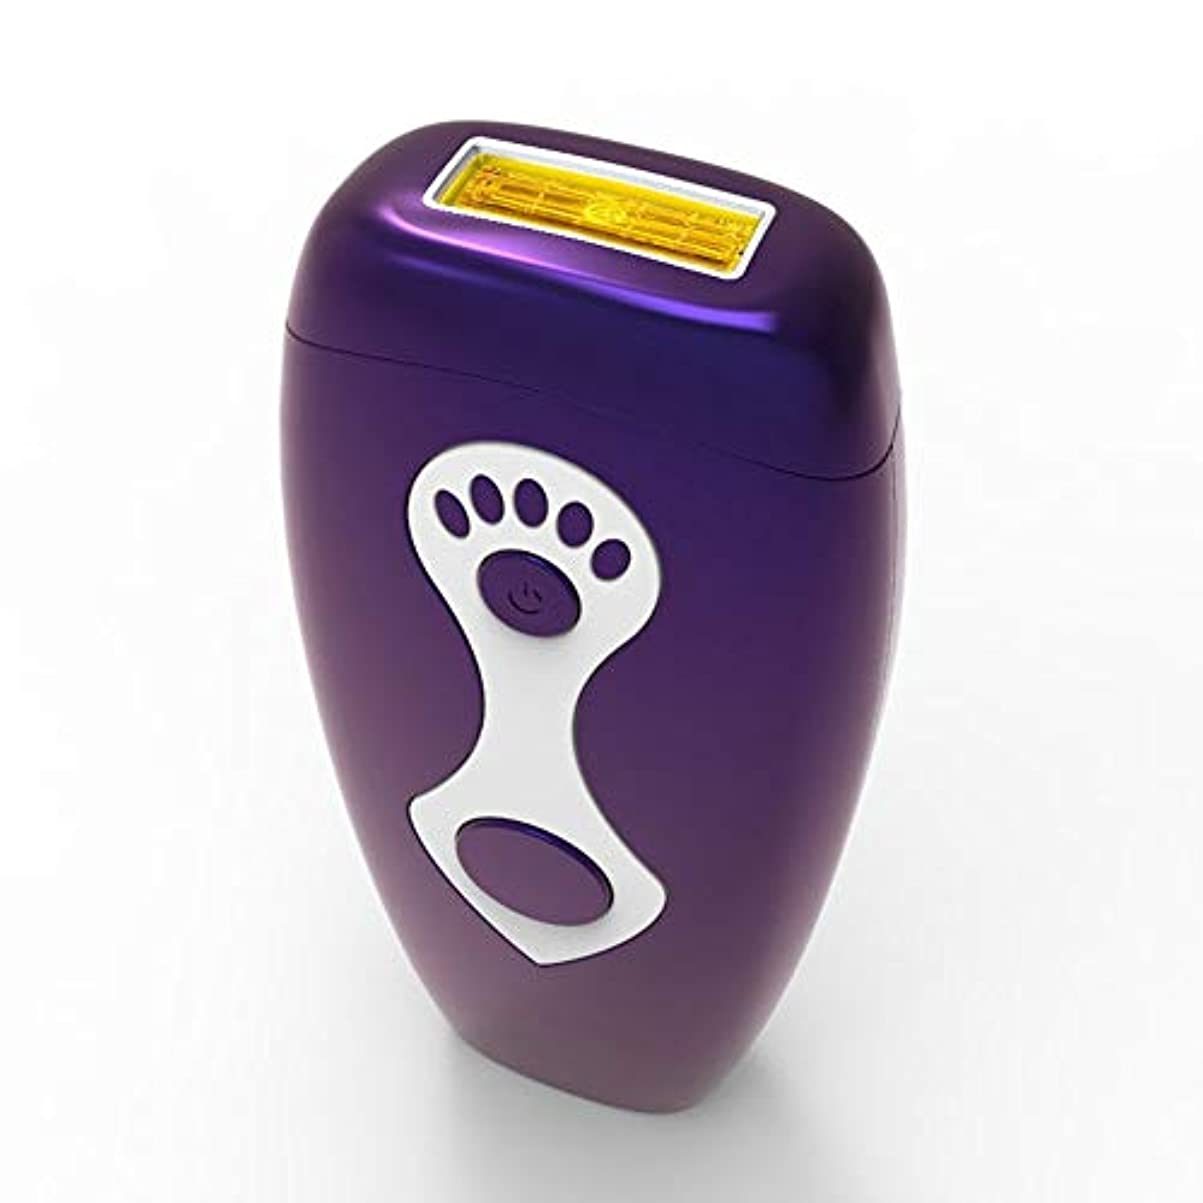 ブローホール不名誉な足首パーマネント脱毛、家庭用ニュートラルヘアリムーバー、柔らかい肌、マルチ運動エネルギー、安全性、グレード5無料調整、サイズ7.5×16.5 Cm 髪以外はきれい (Color : Purple)